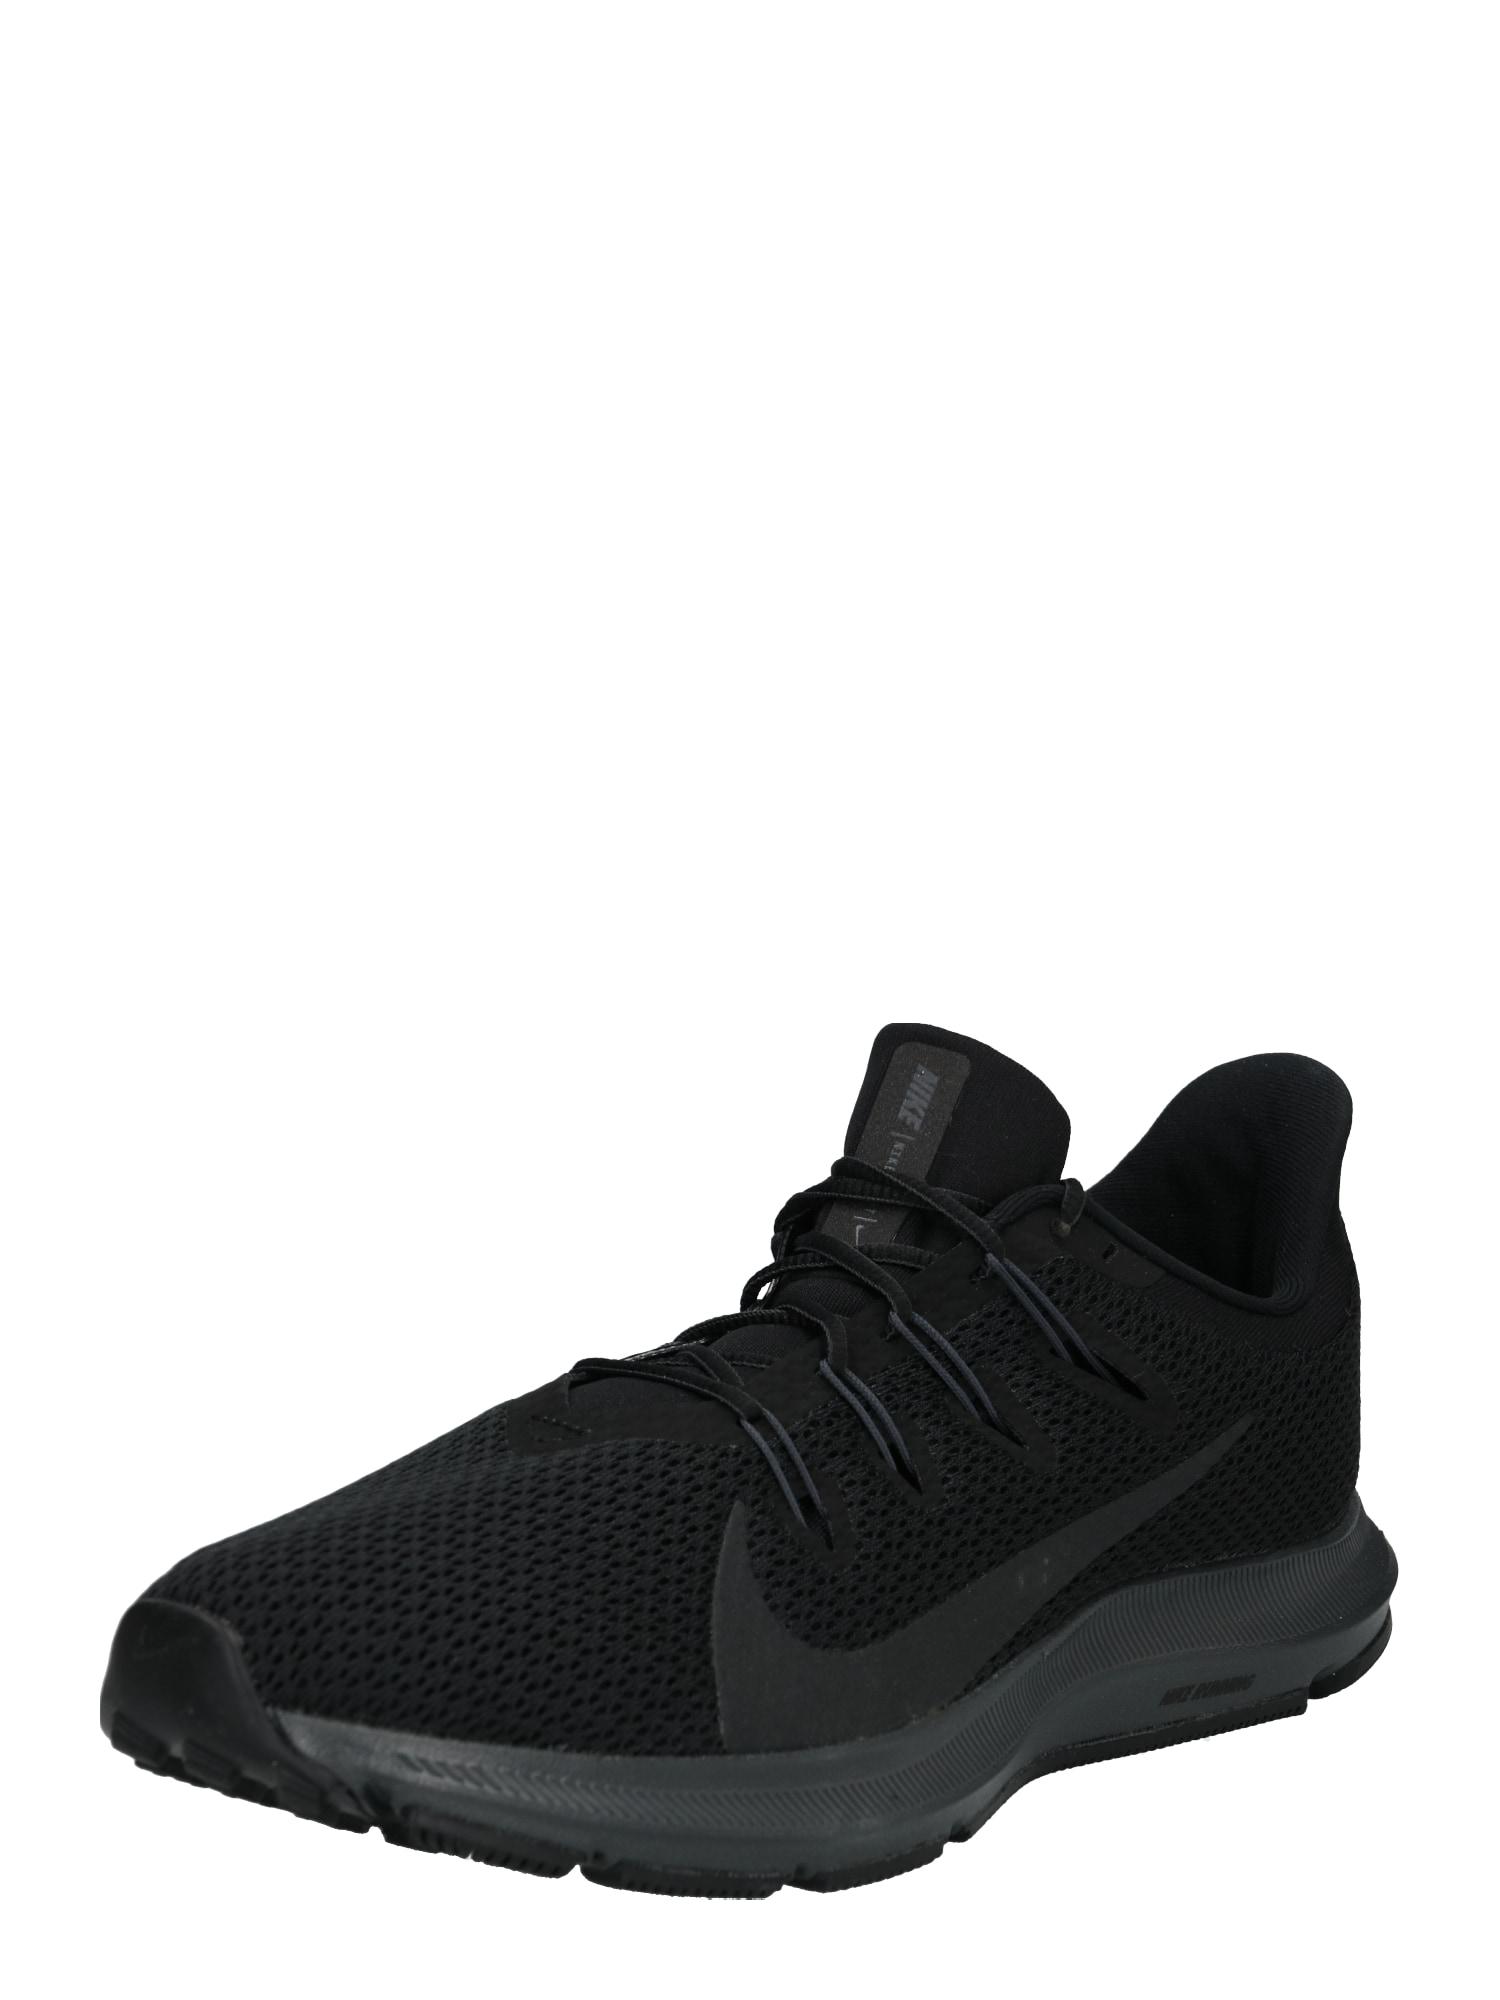 Běžecká obuv QUEST 2 antracitová černá NIKE